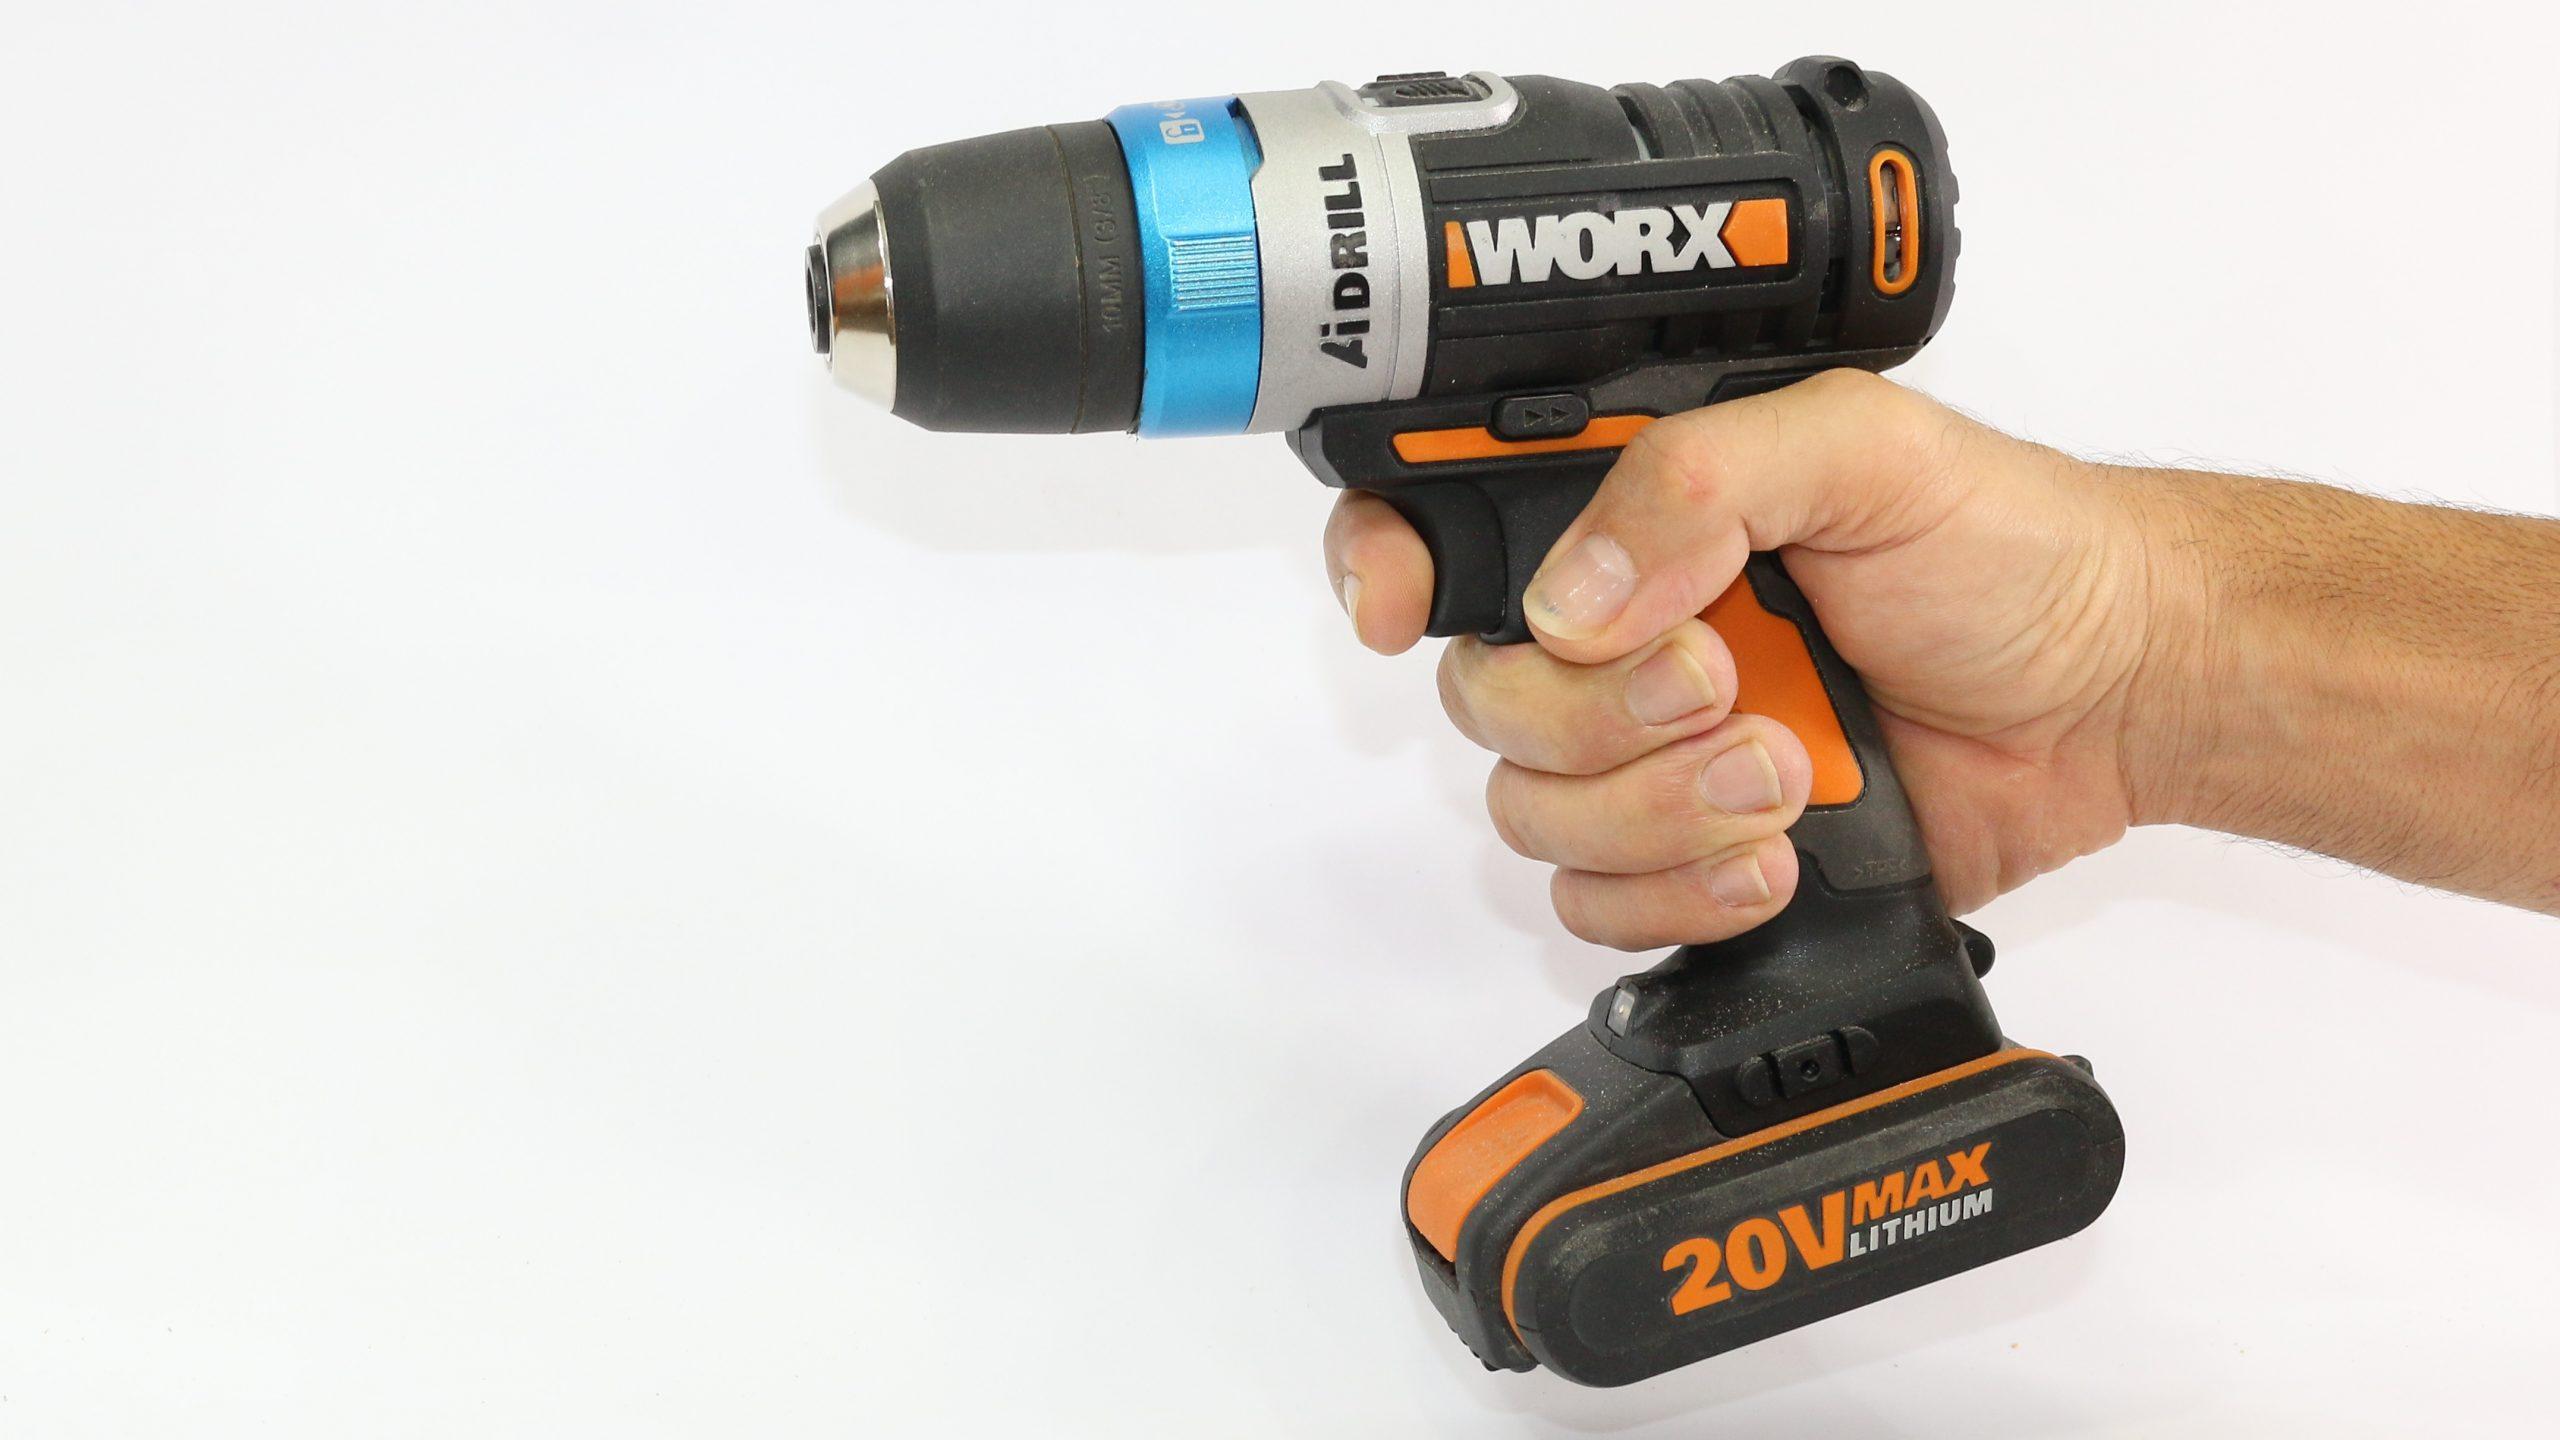 Parafusadeira e Furadeira Worx AI –  WX178 – Review